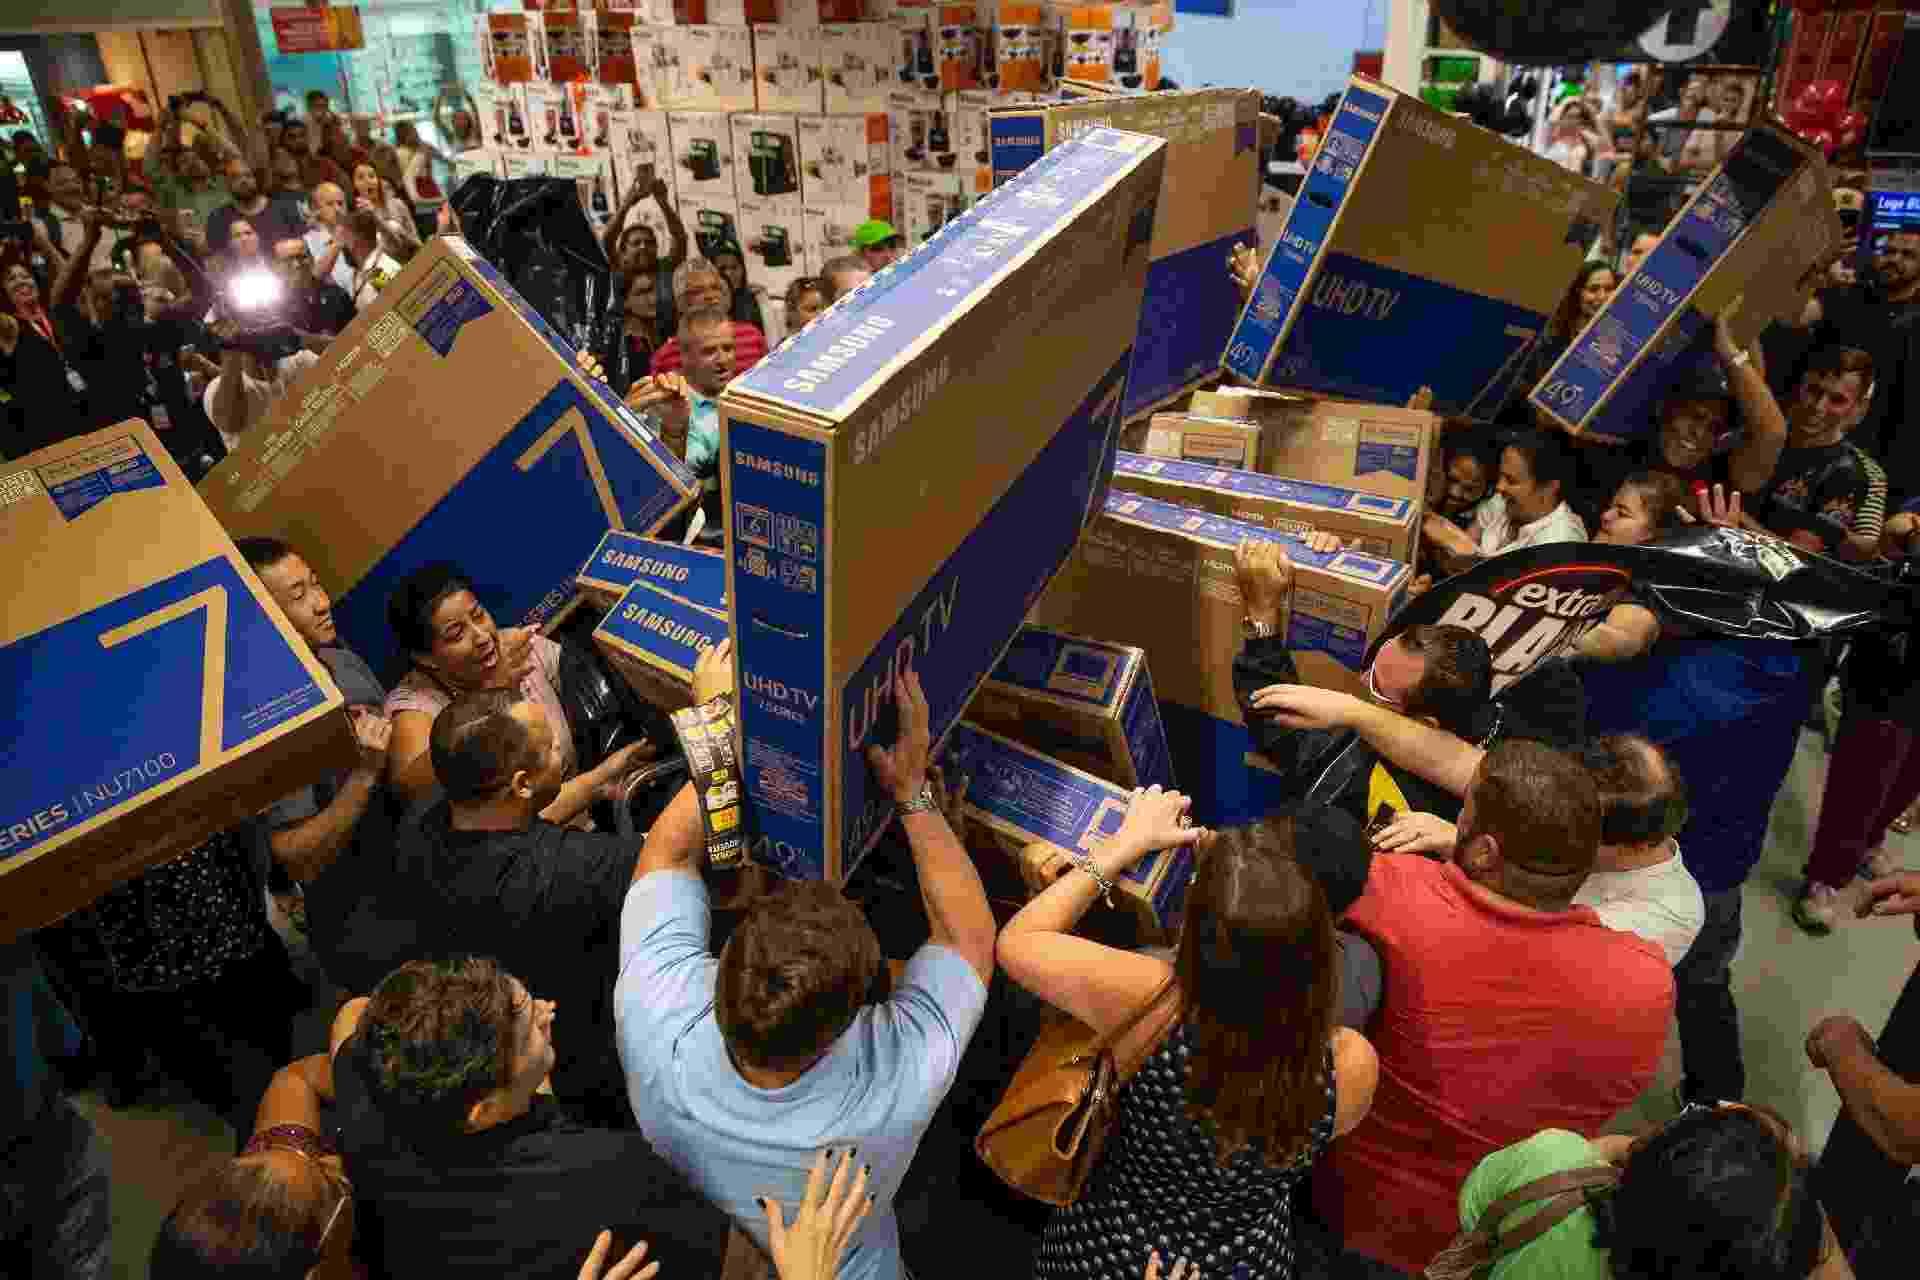 23.nov.2018 - Empurra-empurra de consumidores para comprar televisores em uma loja da rede Extra na avenida Ricardo Jafet, em São Paulo - Suamy Beydoun/Agif/Estadão Conteúdo